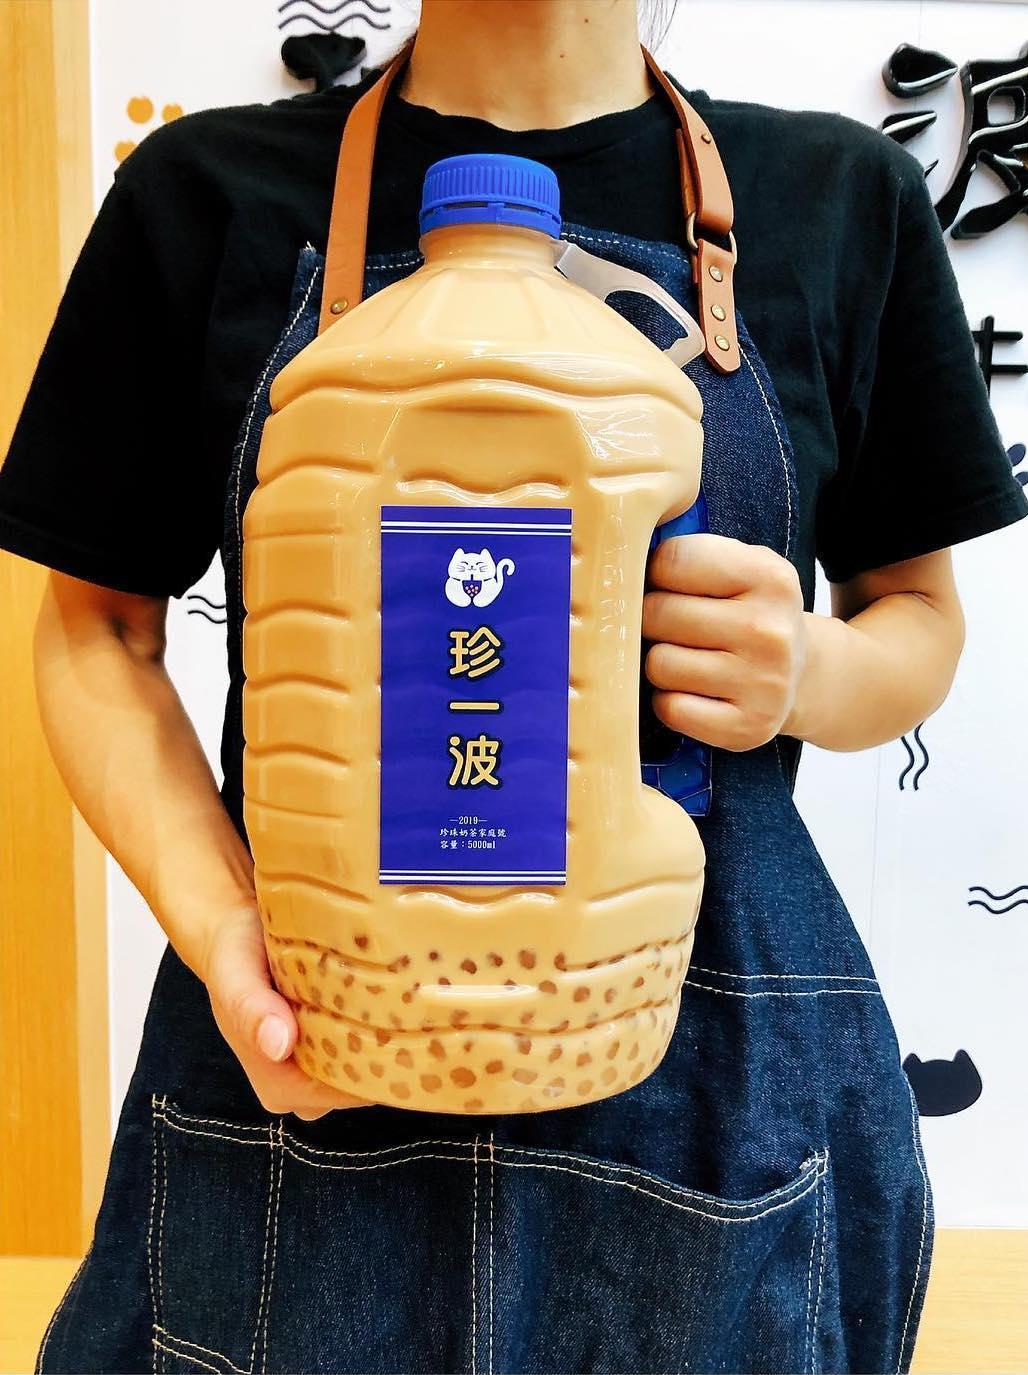 台灣首推「5公升霸氣珍奶」限量販售 「30分鐘內全喝完」還有額外獎金!